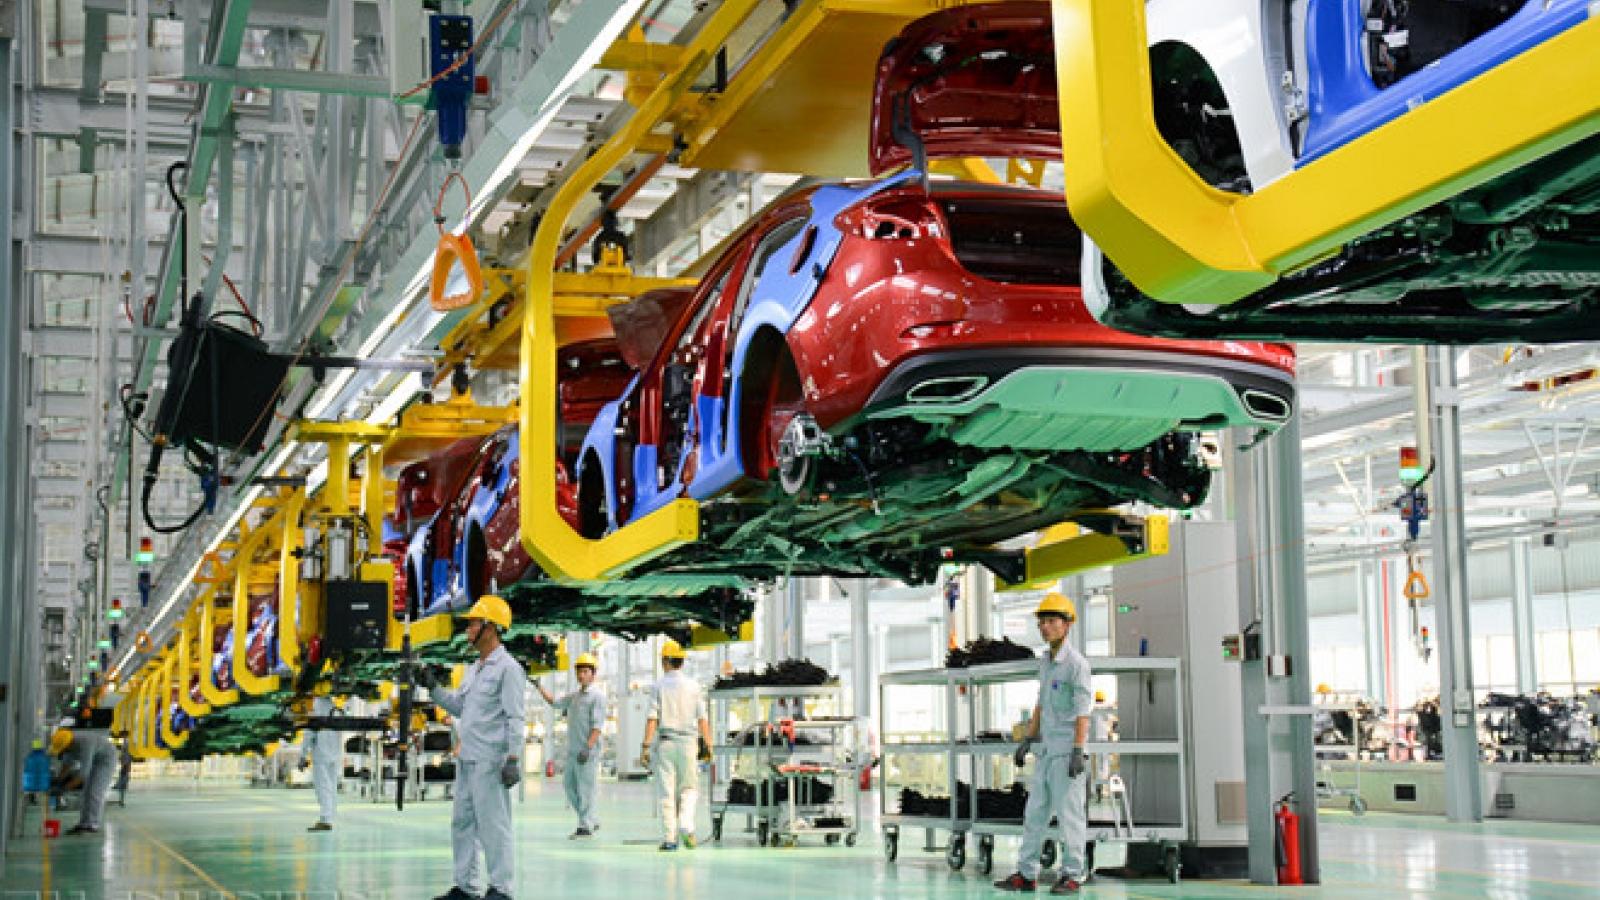 Chính thức giảm 50% lệ phí trước bạ đối với ô tô sản xuất, lắp ráp trong nước